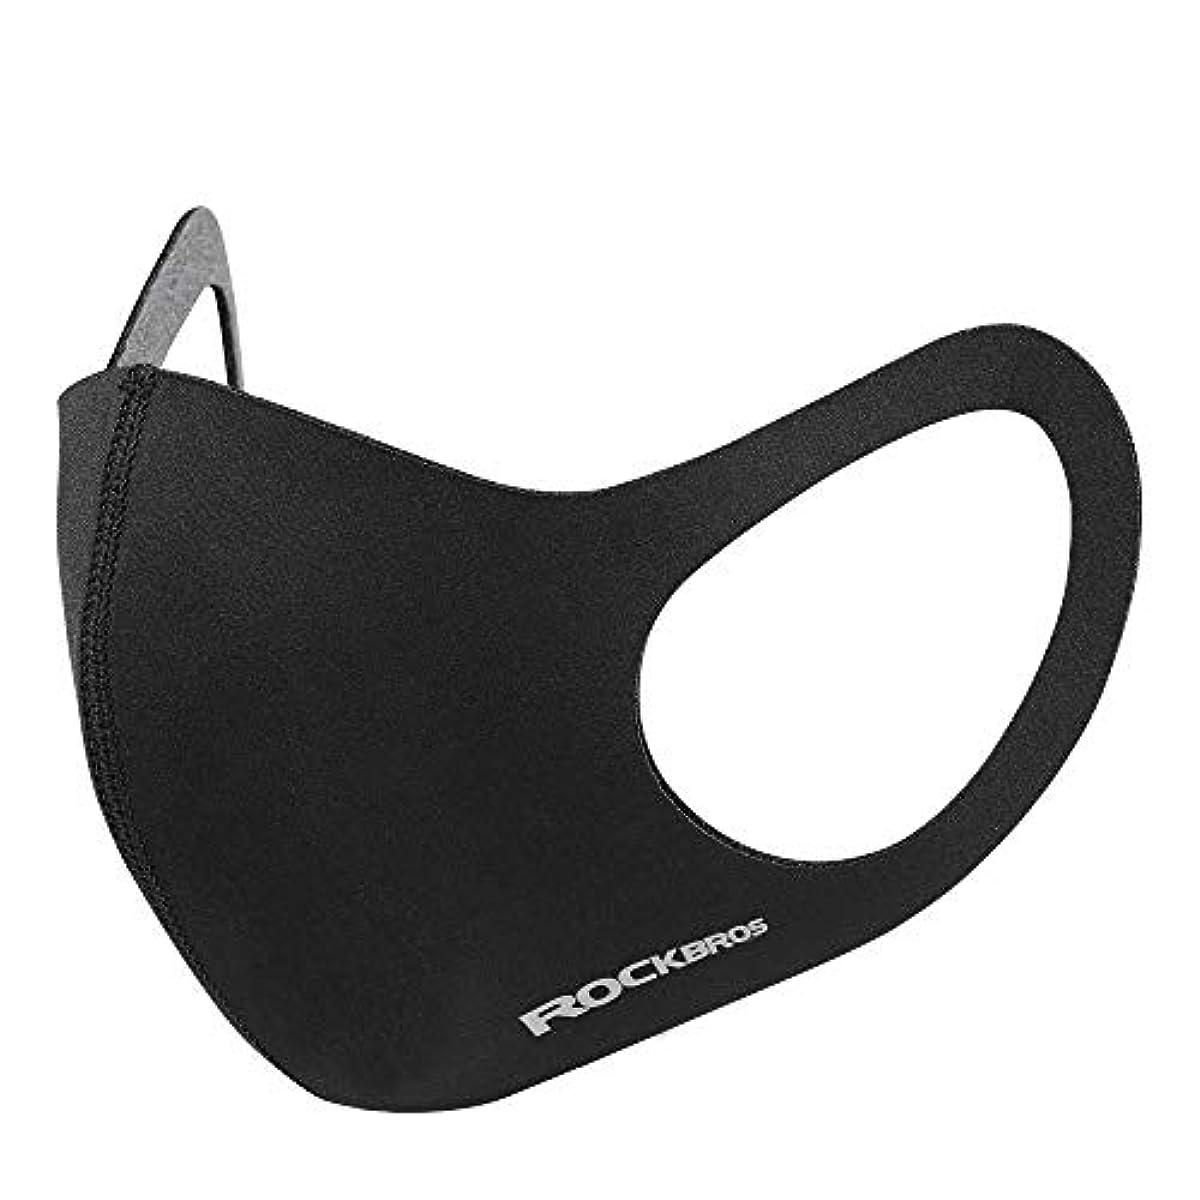 [해외] ROCKBROS 락브로스 입체마스크LF006-BK 블랙